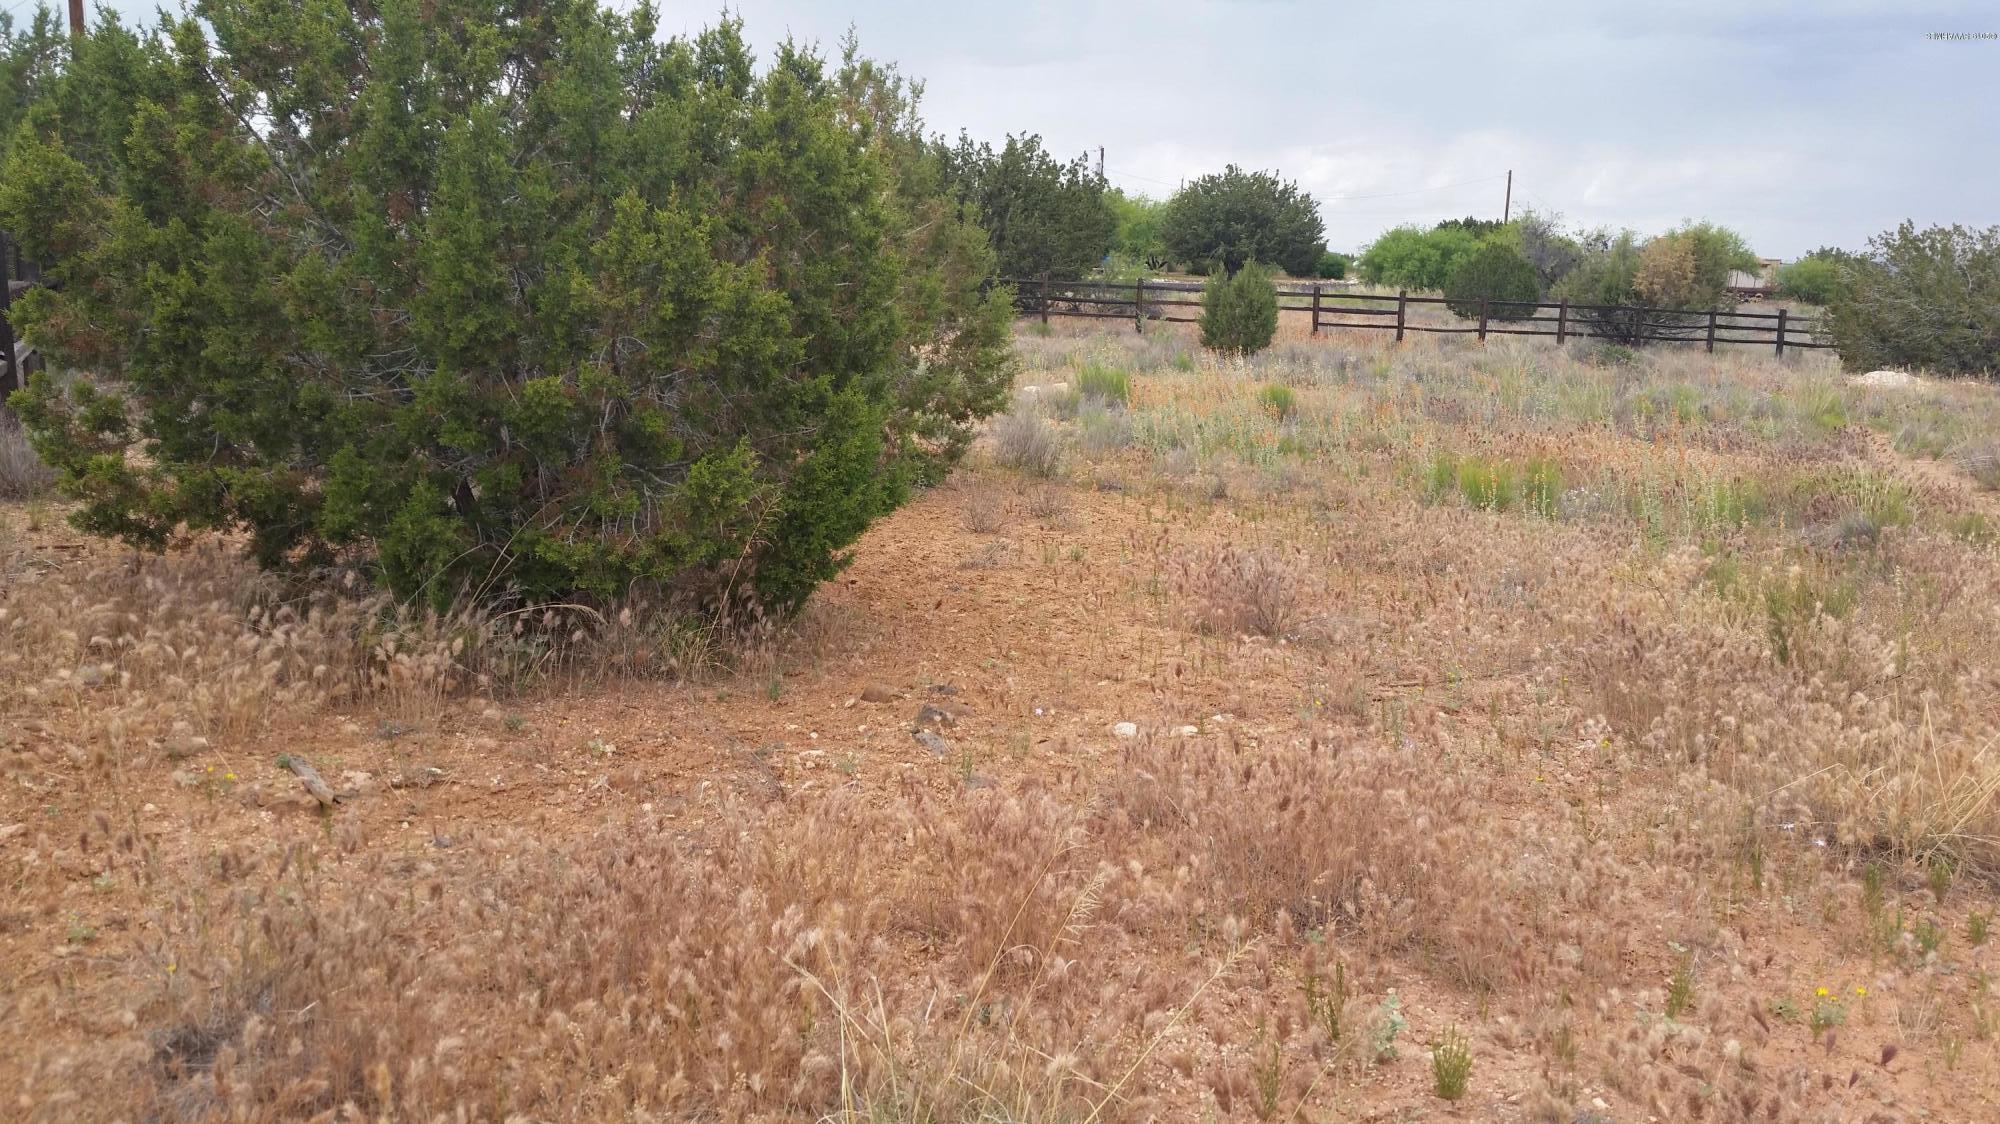 4310/4320 N Desert Wood Rimrock, AZ 86335